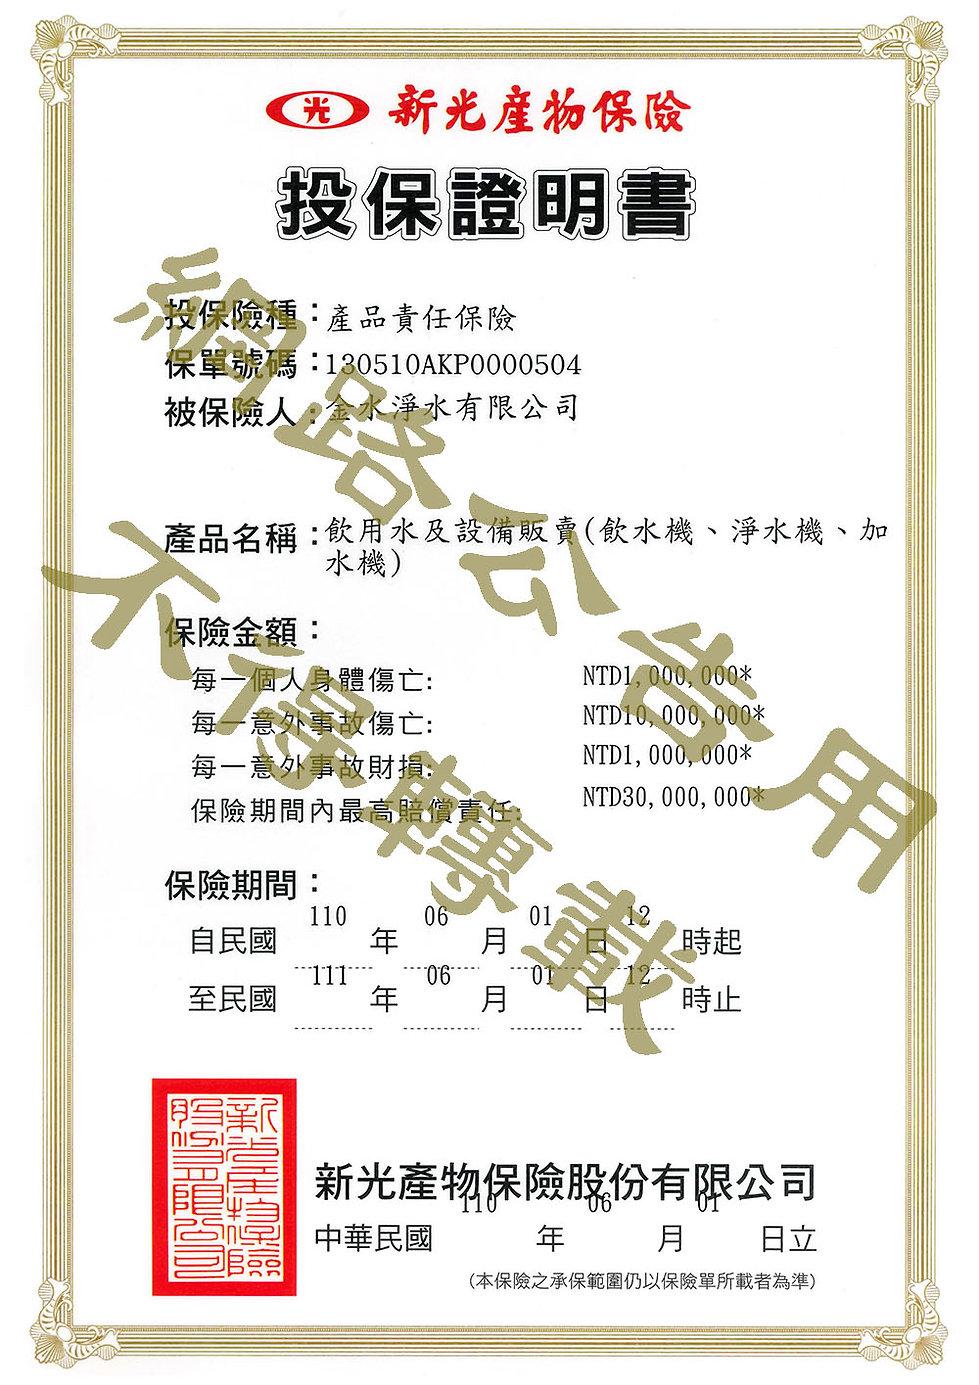 1100601-1110601產品責任險 證明書WEB.jpg